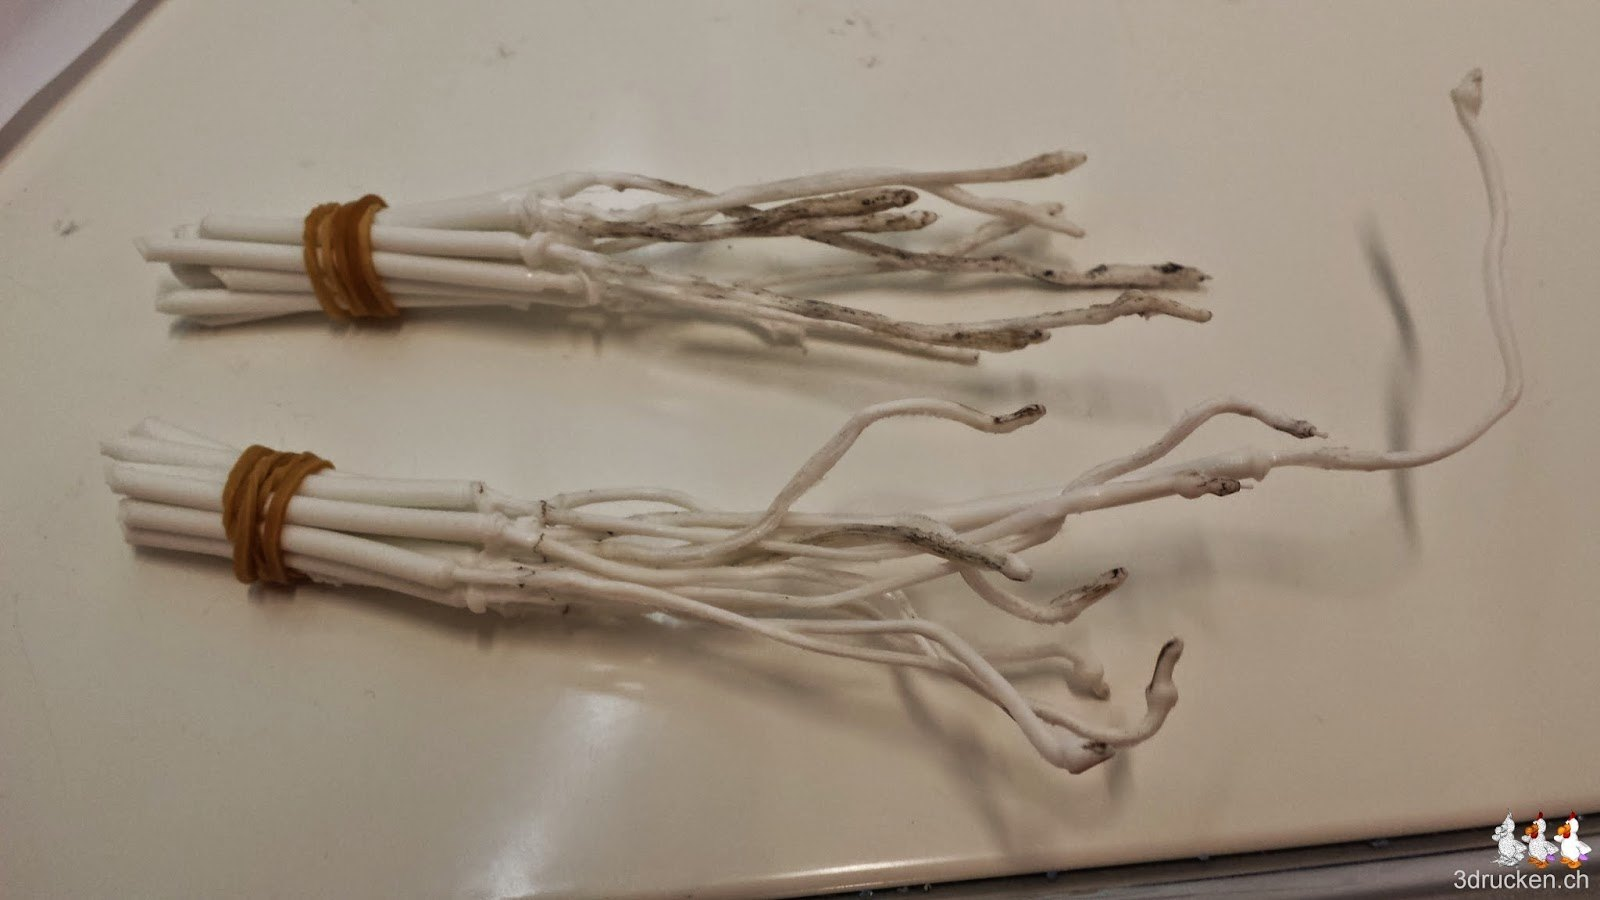 Foto der gesammelten Reinigungsstücke aus weissem PLA